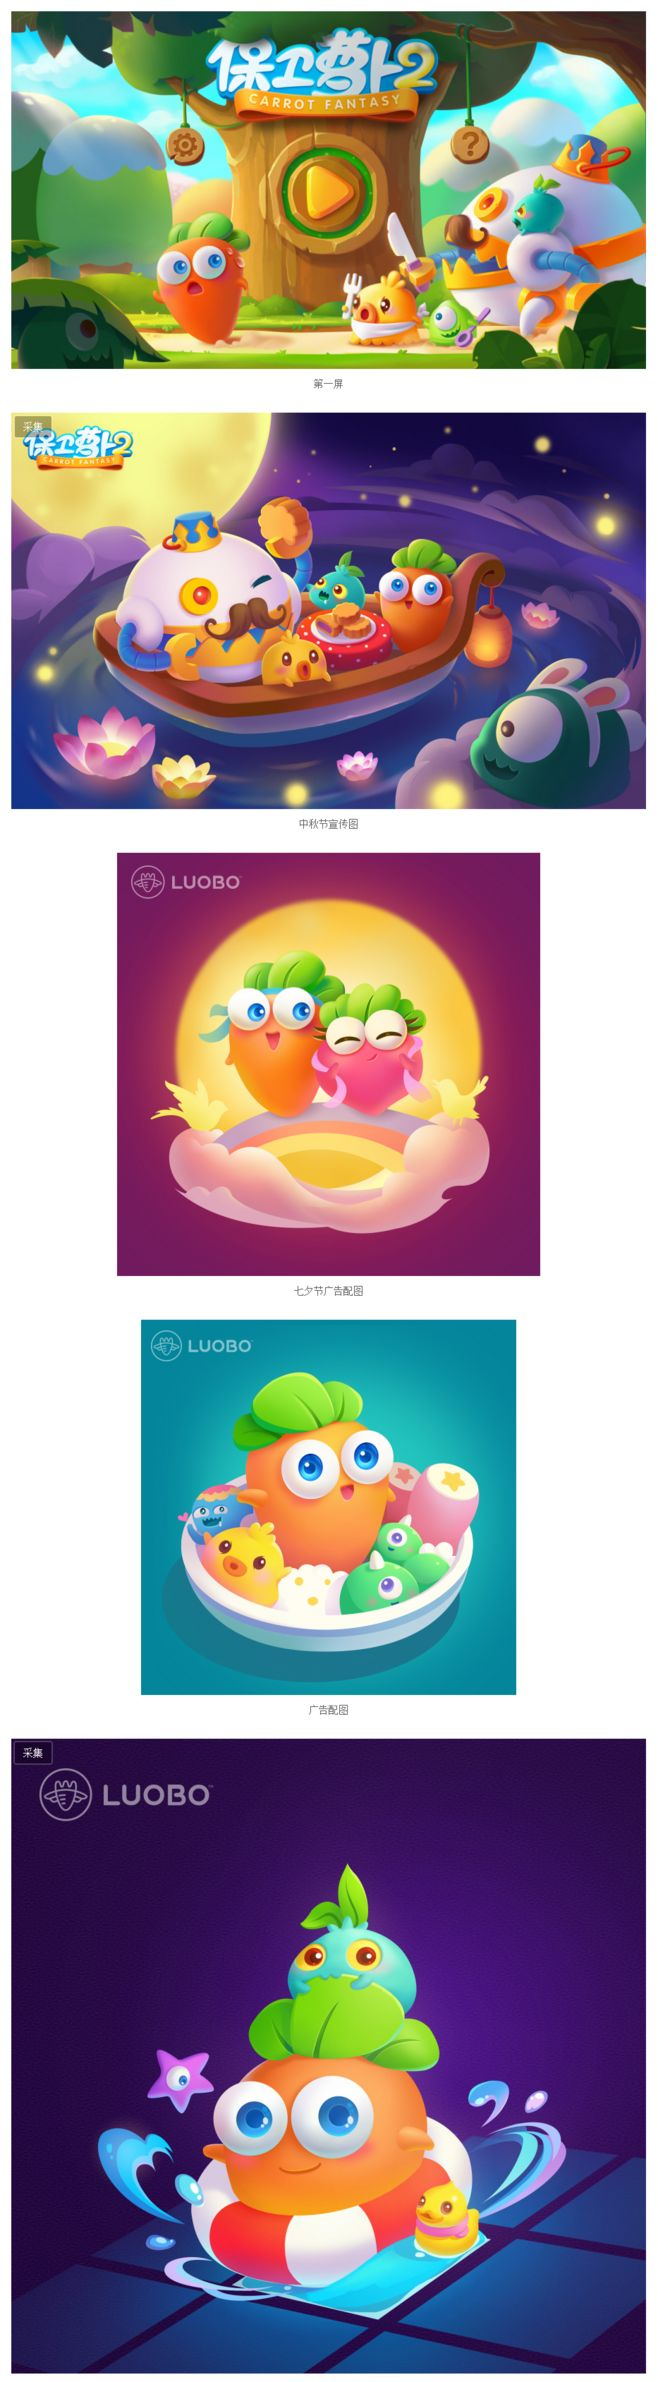 《保卫萝卜2》插画集合|游戏原画|插画|...